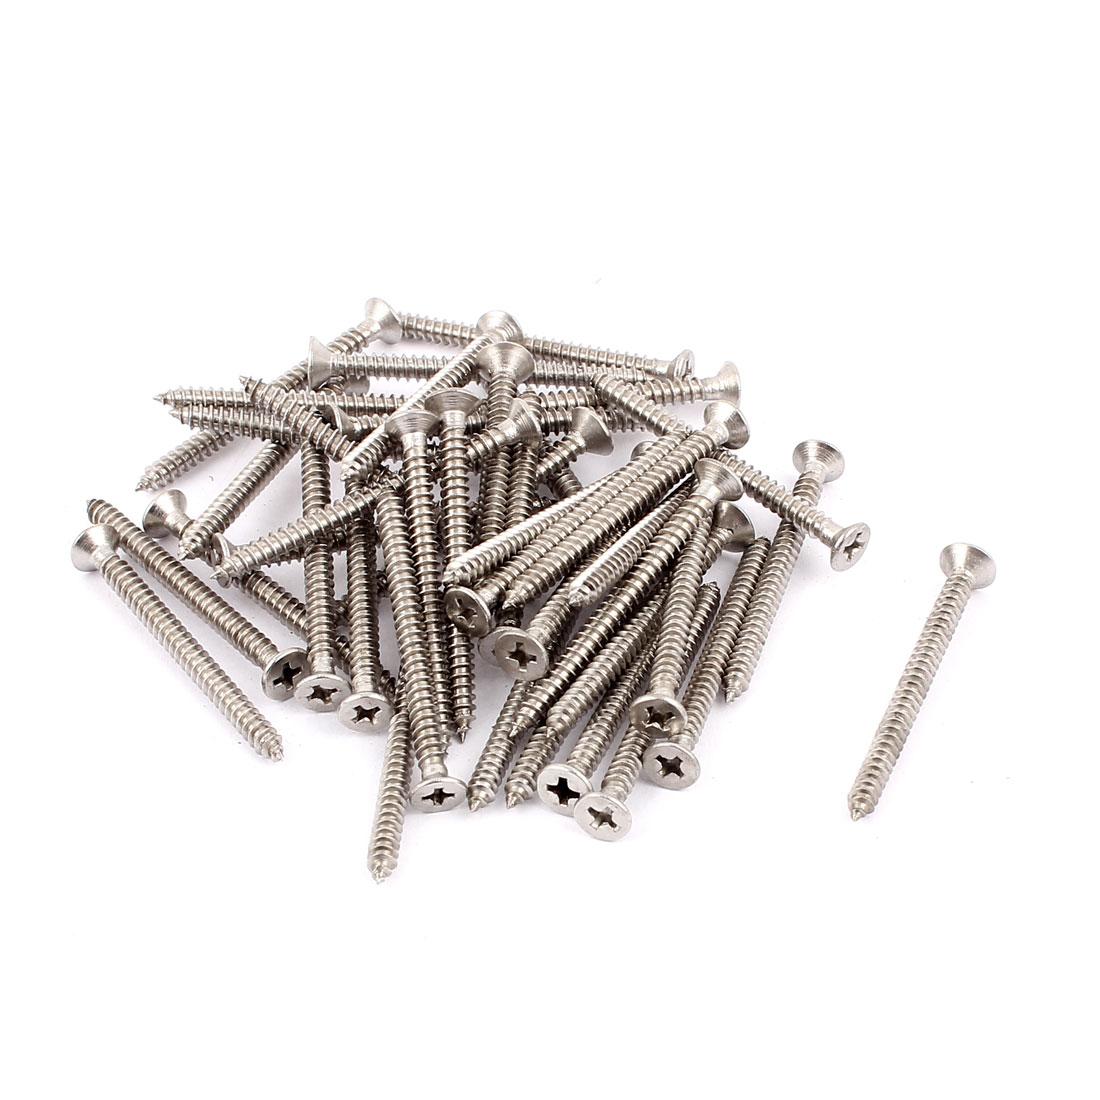 4.2mm x 50mm Full Thread Countersunk Cross Head Self Tapping Screw Fasteners 40 Pcs